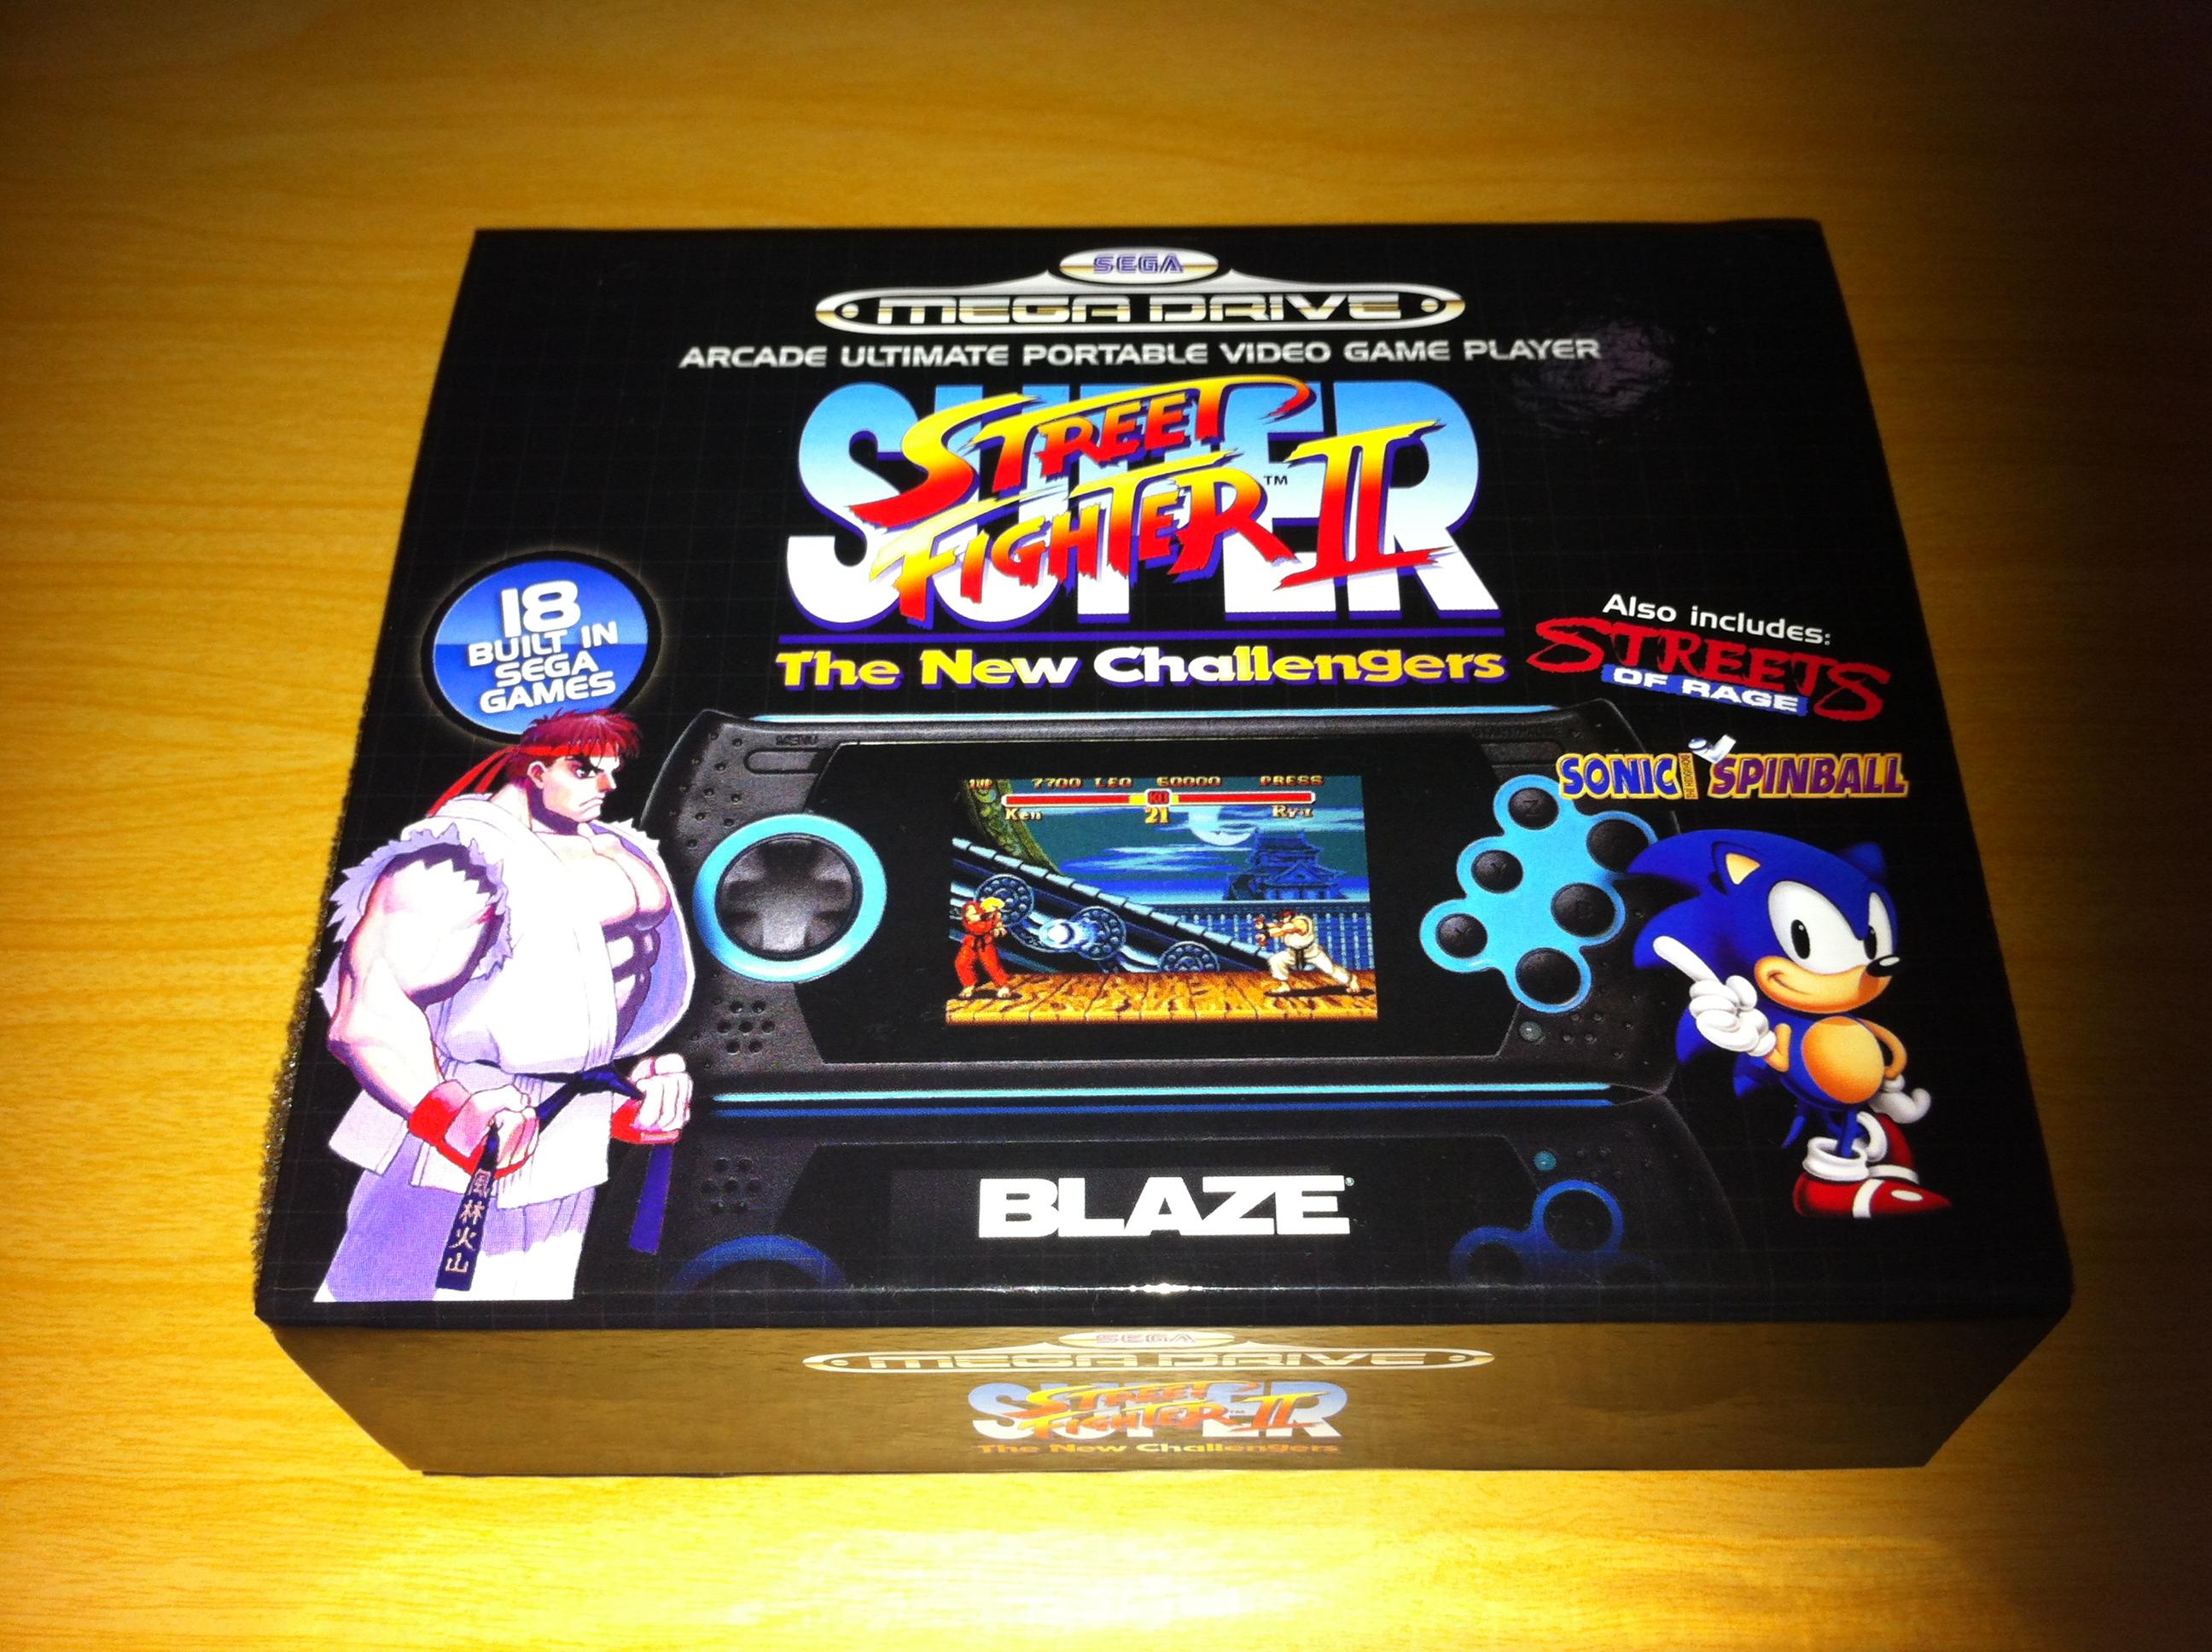 Consola Sega Megadrive Portatil De Blaze La Manzana De 8 Bits